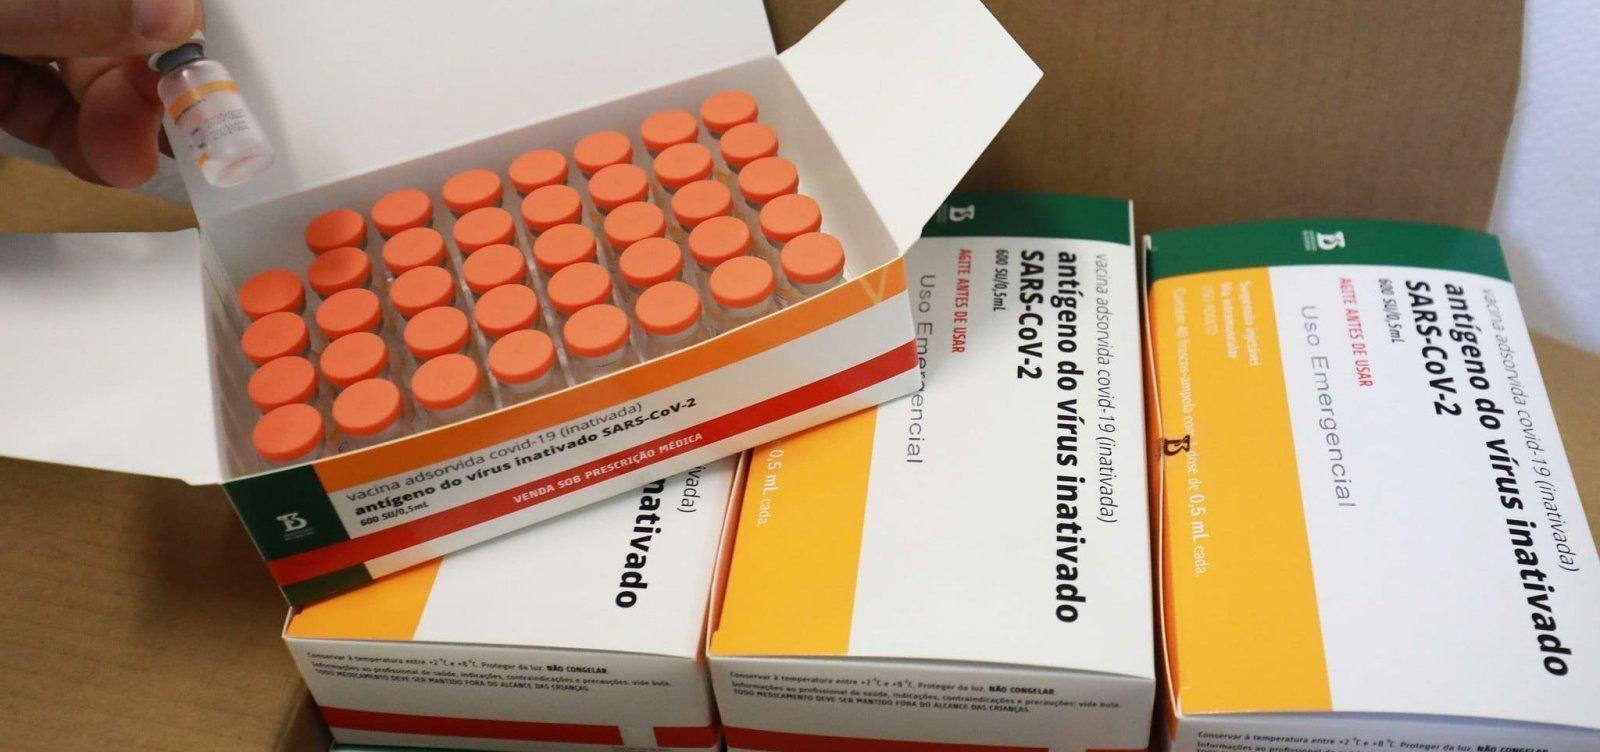 Crise da segunda dose é causada por orientação incorreta de Pazuello, indica Queiroga